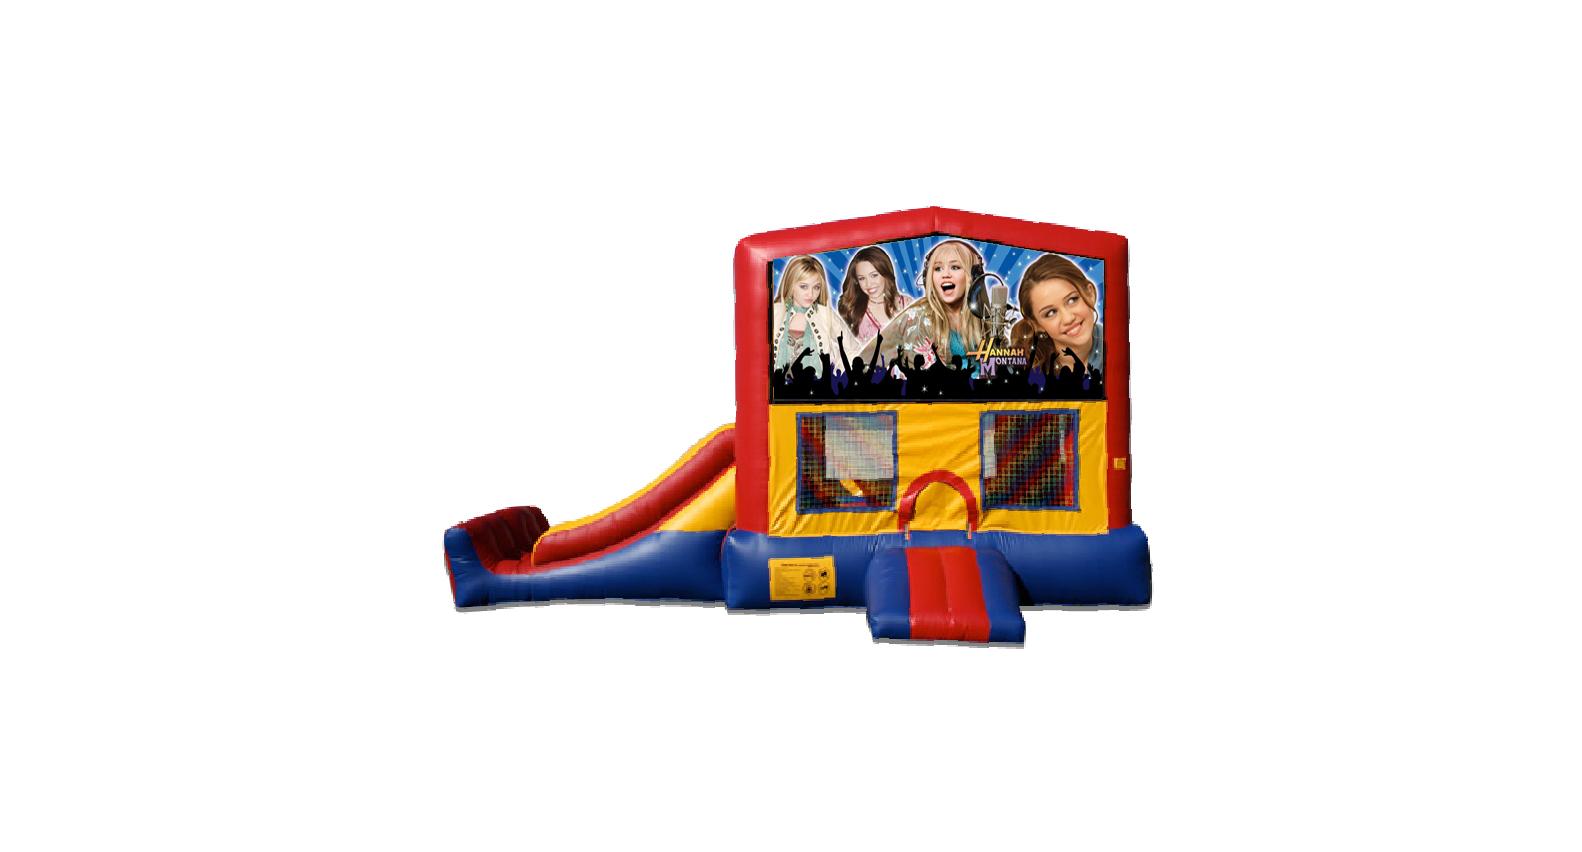 Hannah Montana 3 in 1 Mini Slide